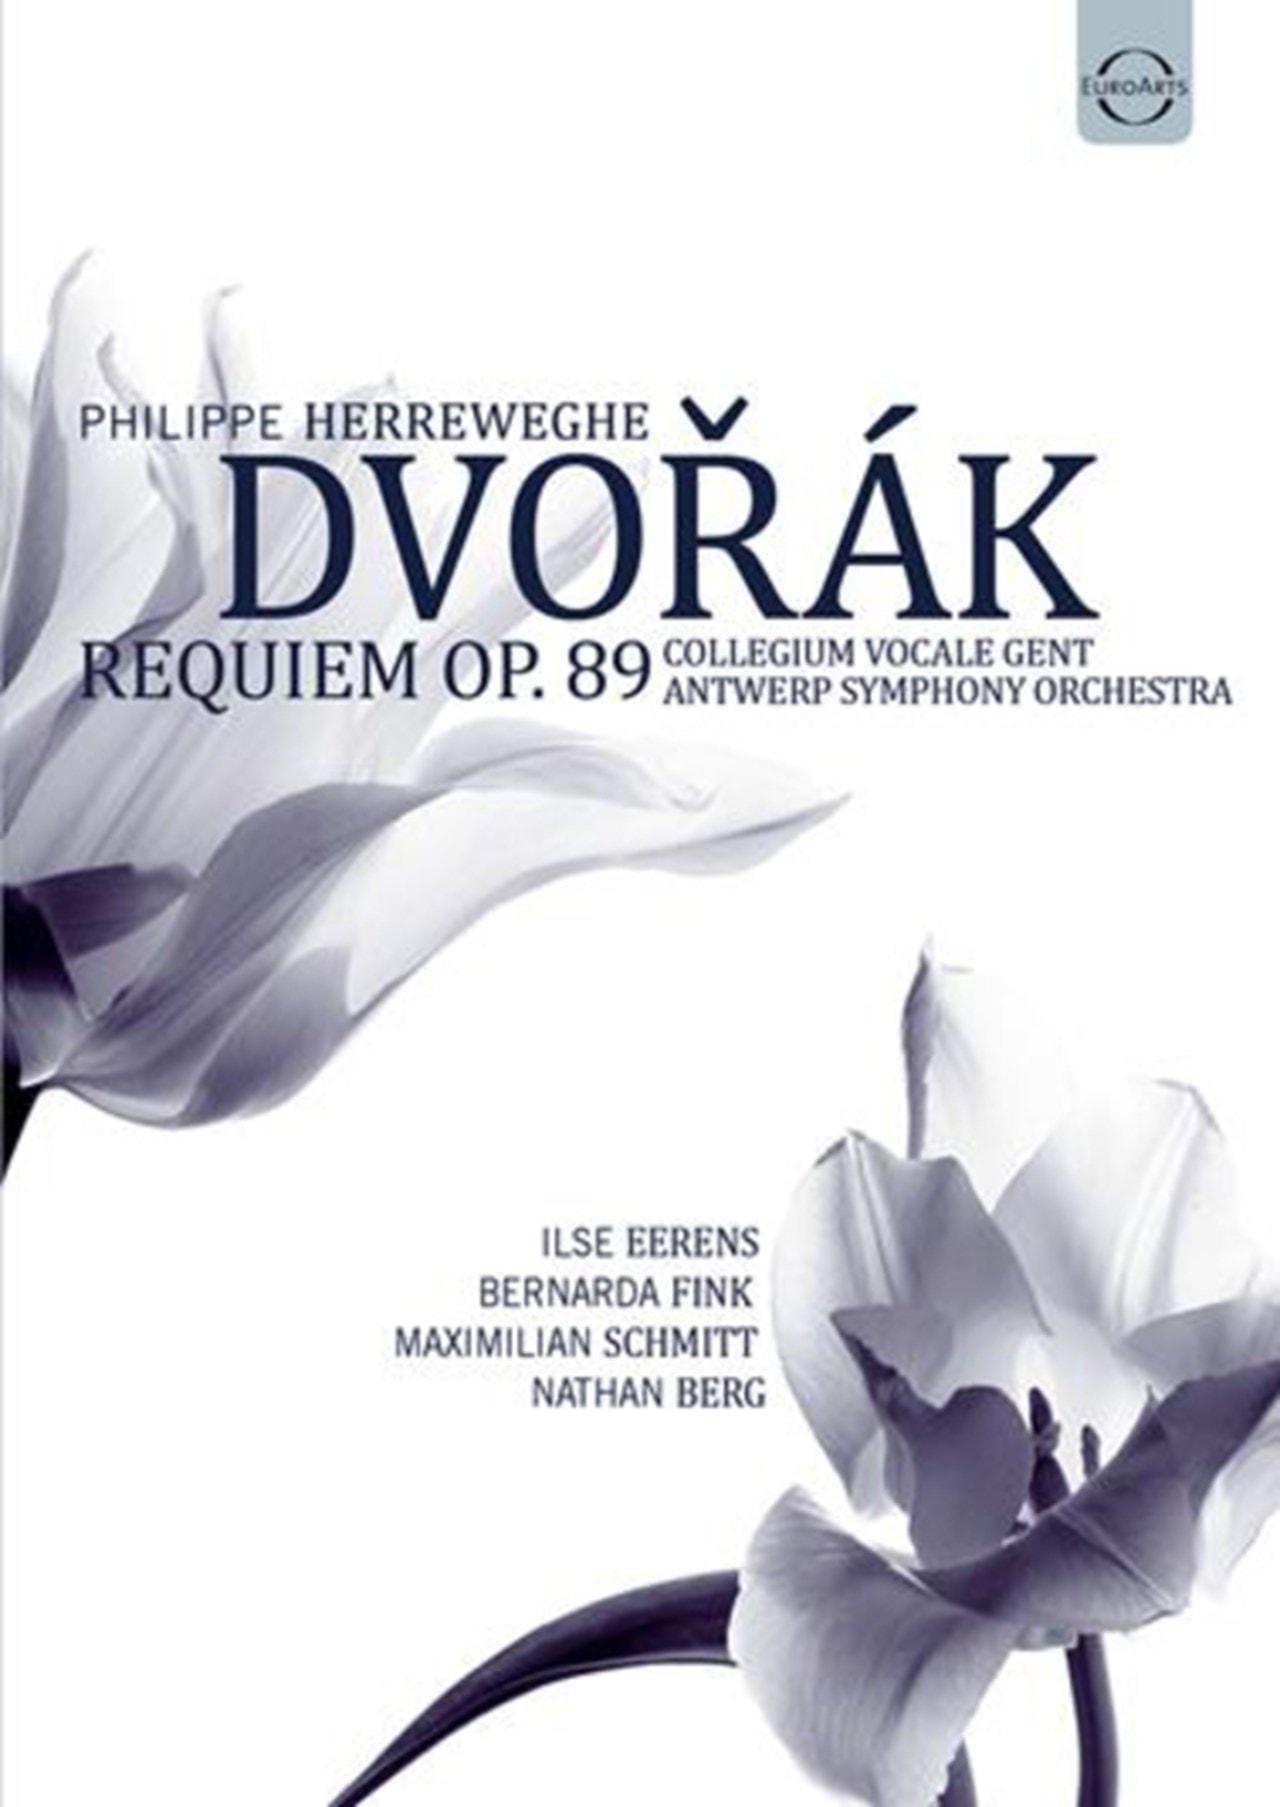 Dvorak: Requiem Op. 89 (Herreweghe) - 1